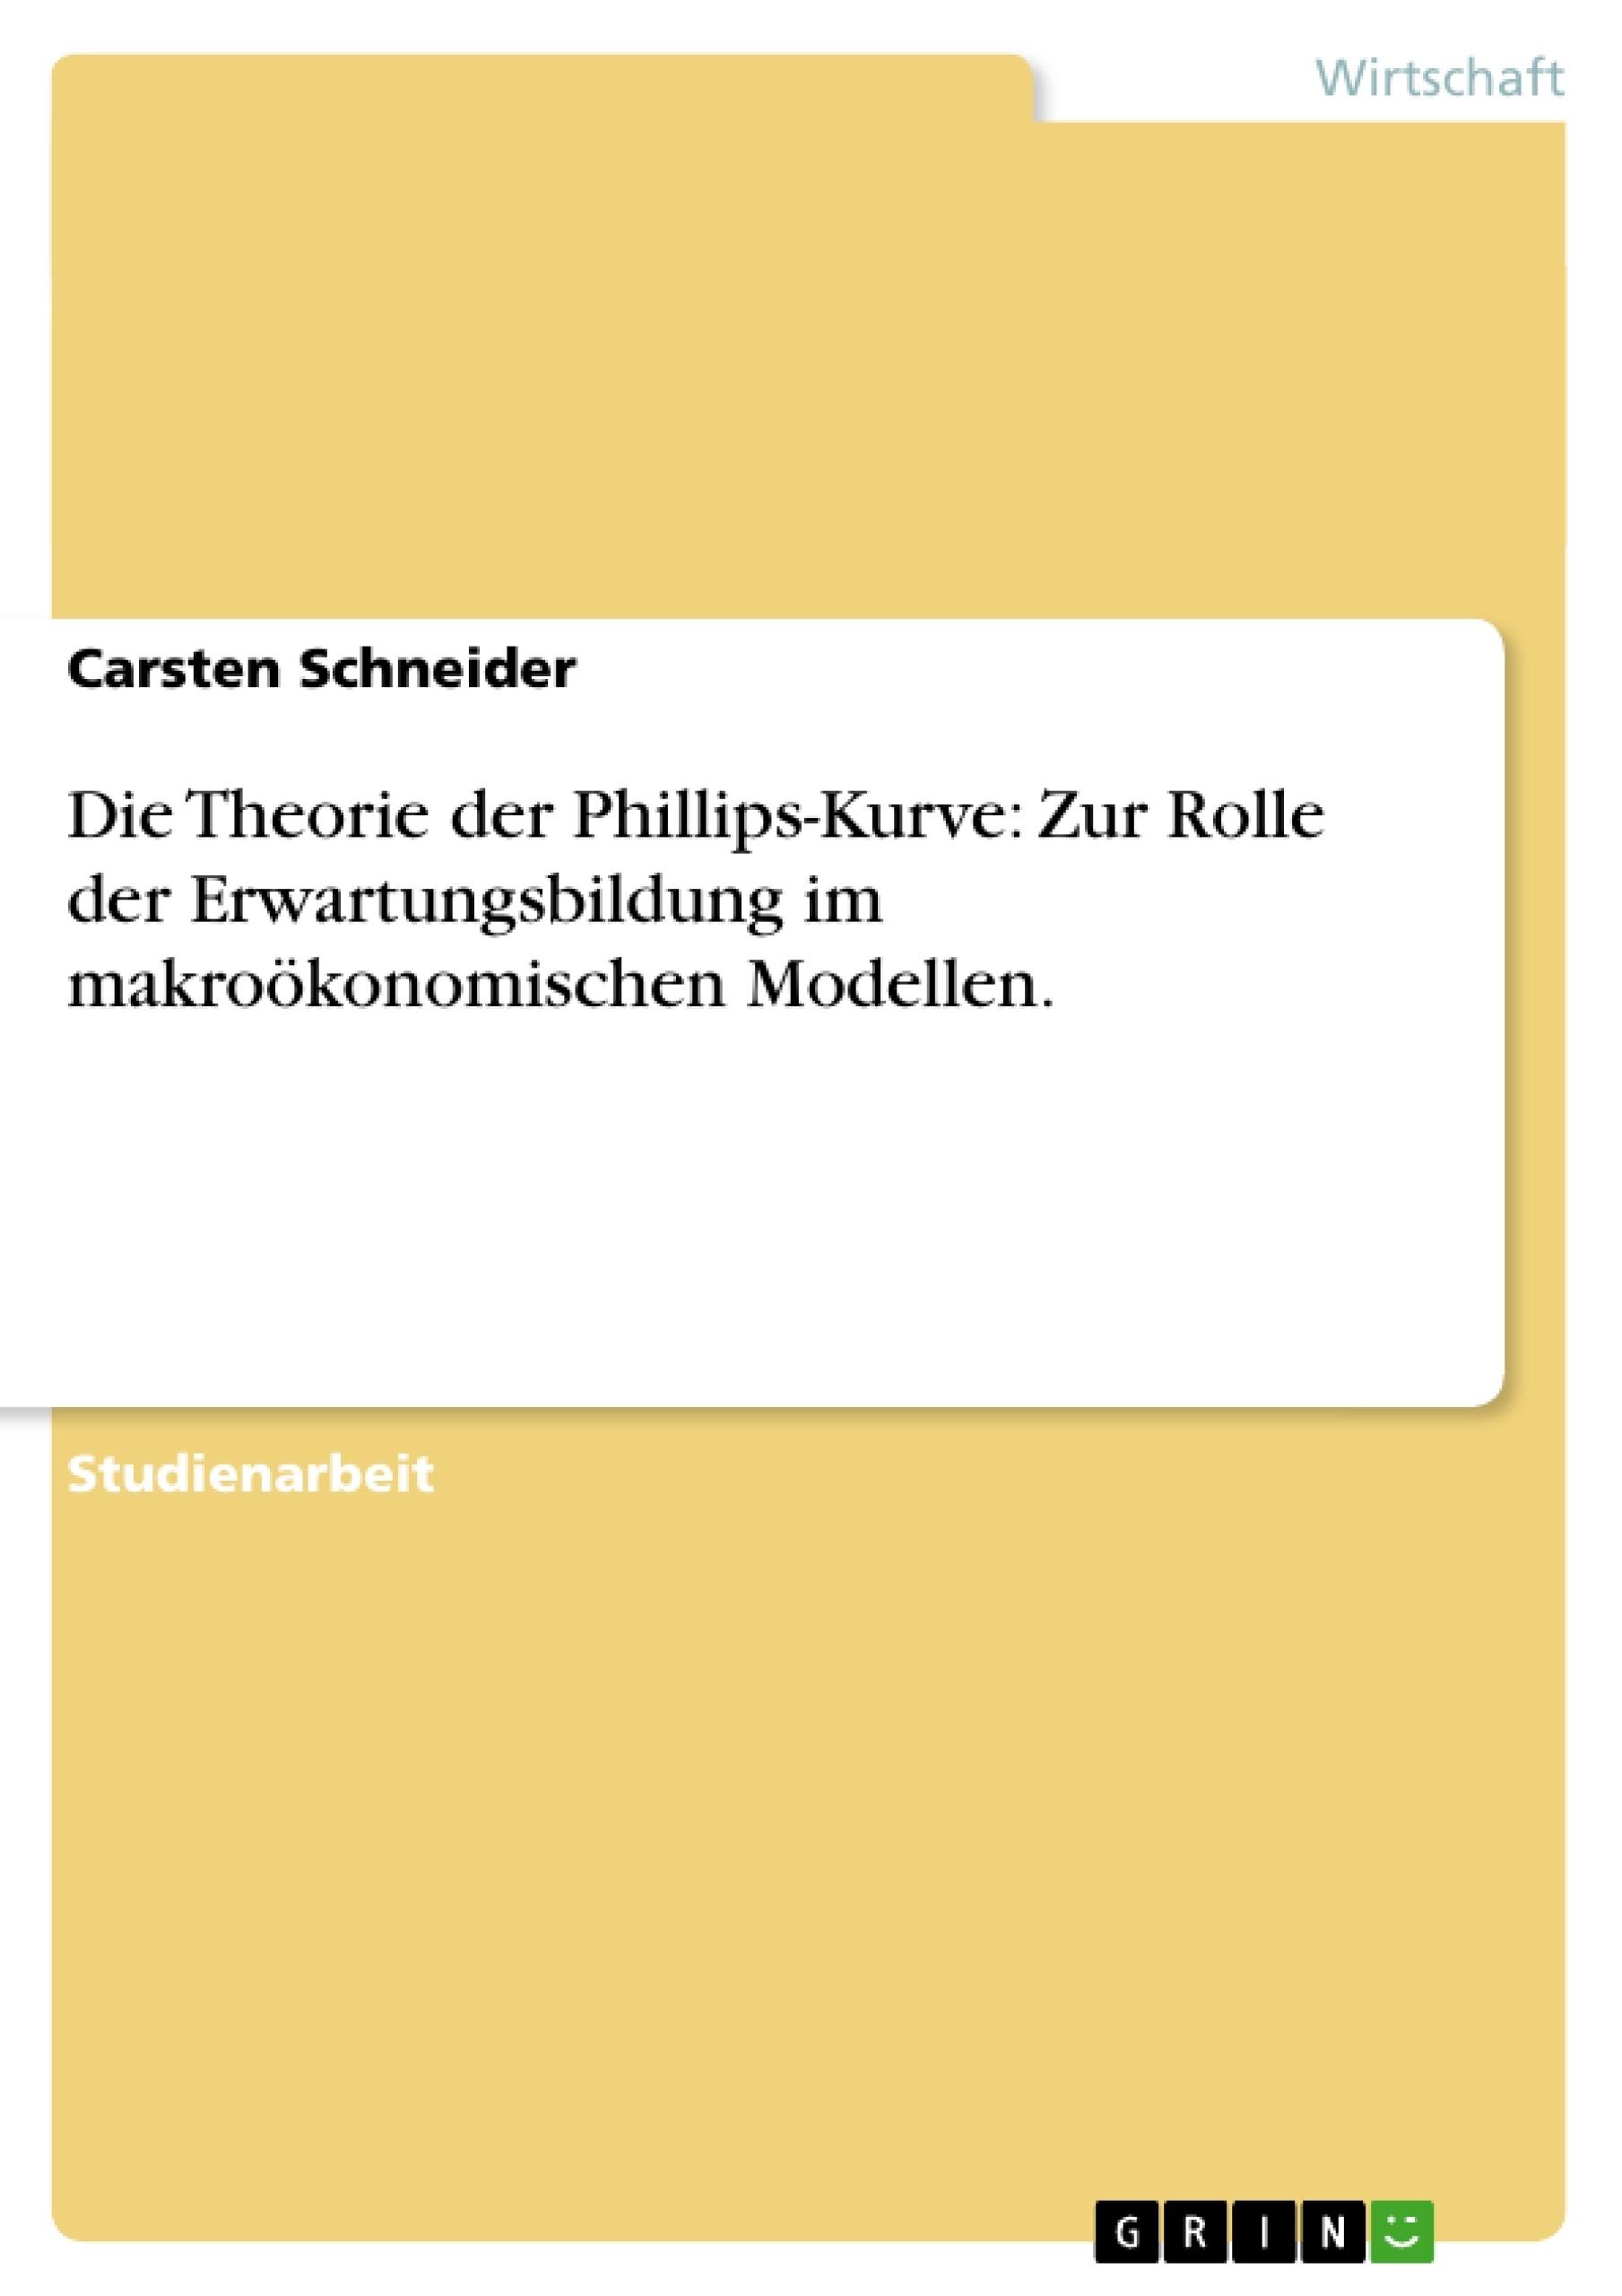 Titel: Die Theorie der Phillips-Kurve: Zur Rolle der Erwartungsbildung im makroökonomischen Modellen.